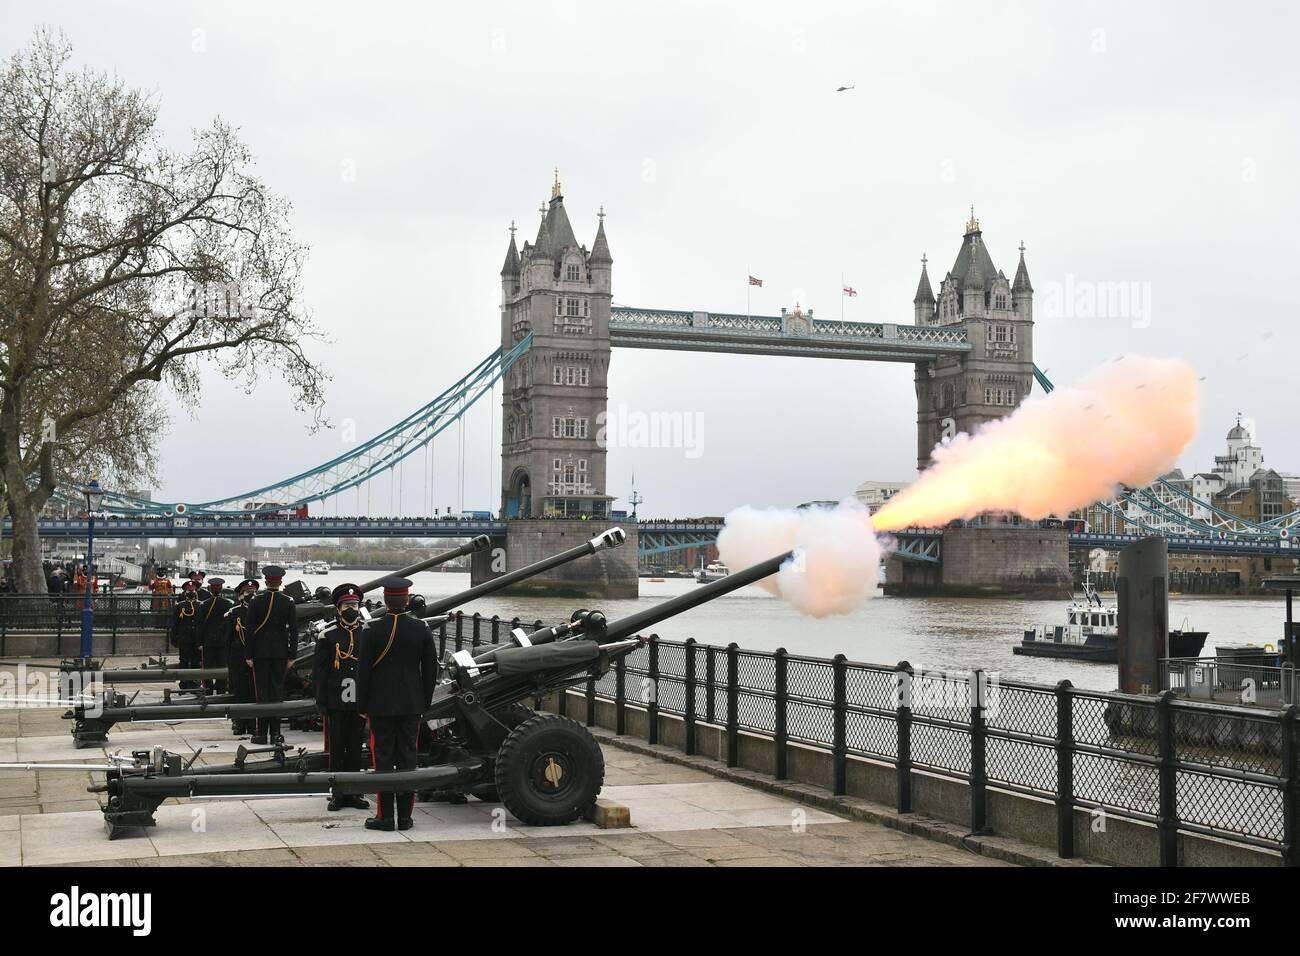 Les membres de l'honorable Artillery Company ont tiré un hommage de 41 tours à l'arme du quai de la Tour de Londres, pour souligner la mort du duc d'Édimbourg. Date de la photo: Samedi 10 avril 2021. Banque D'Images